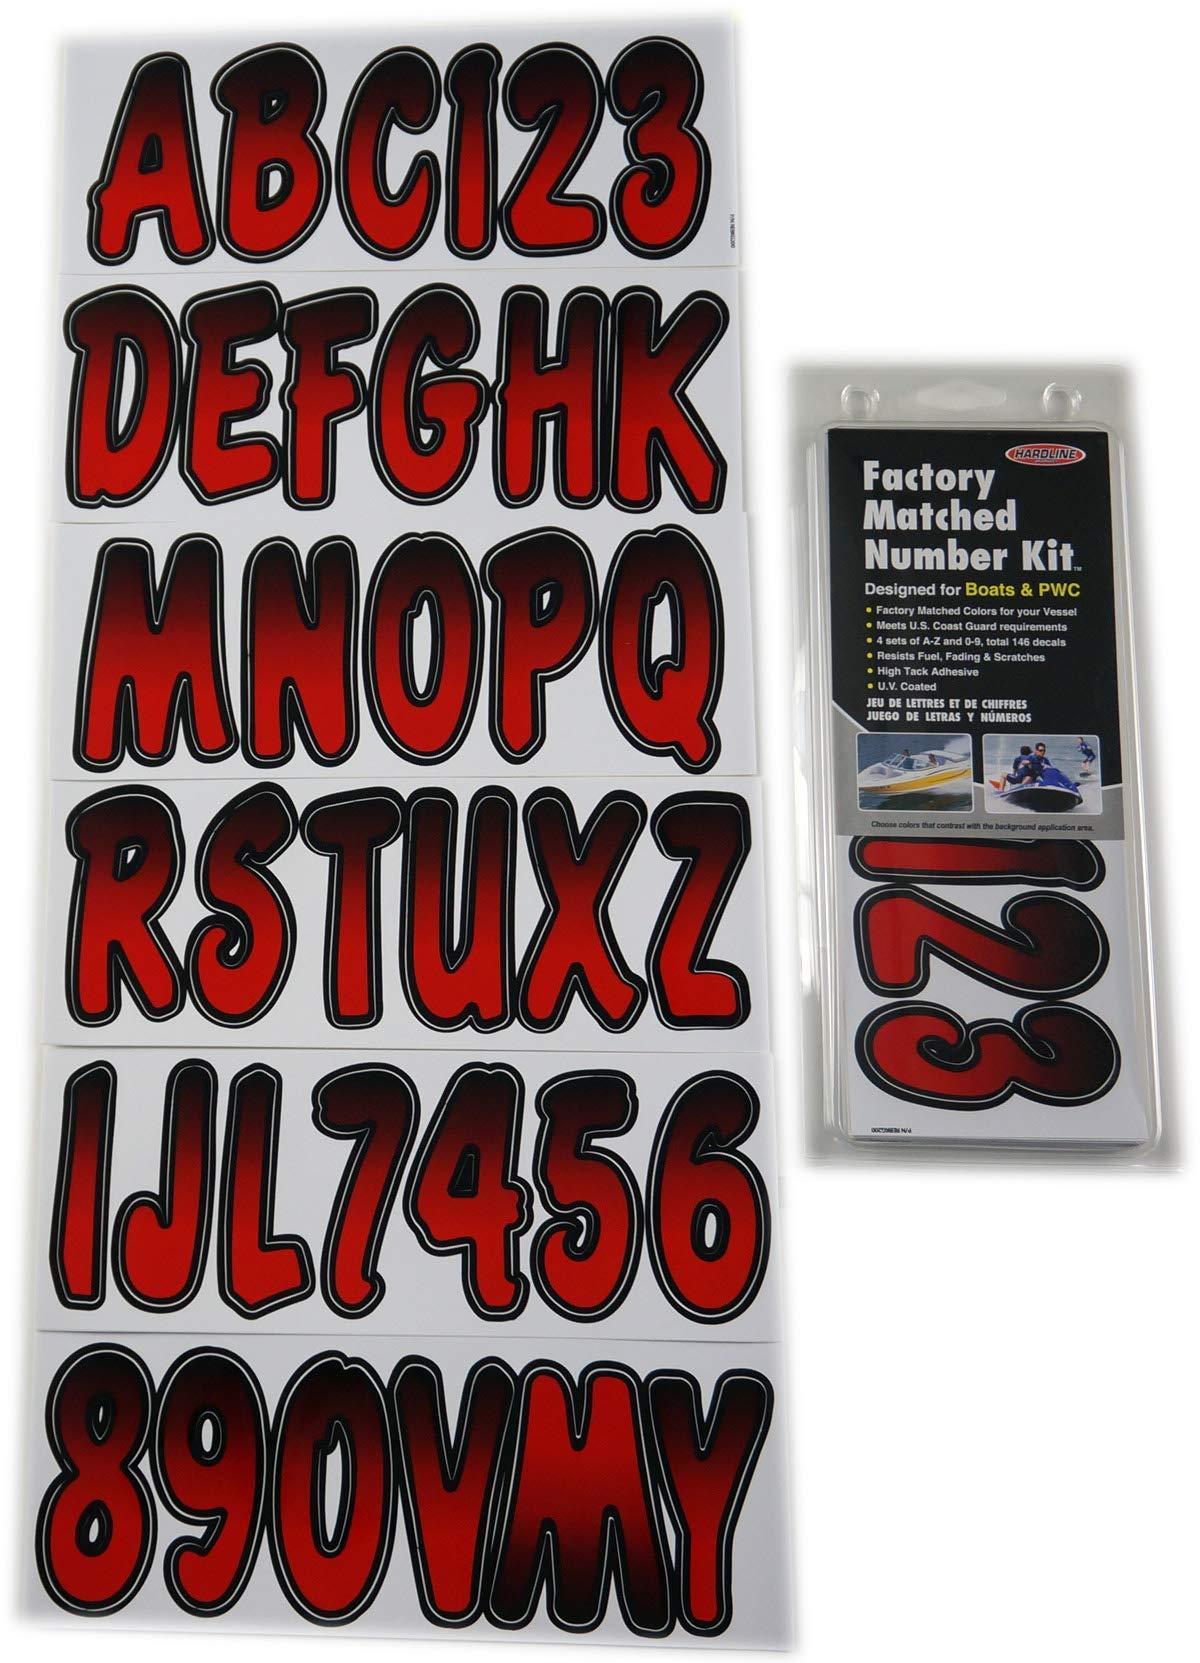 Hardline Products REBKG200 Red/Black Number Factory Matched Registration Kit